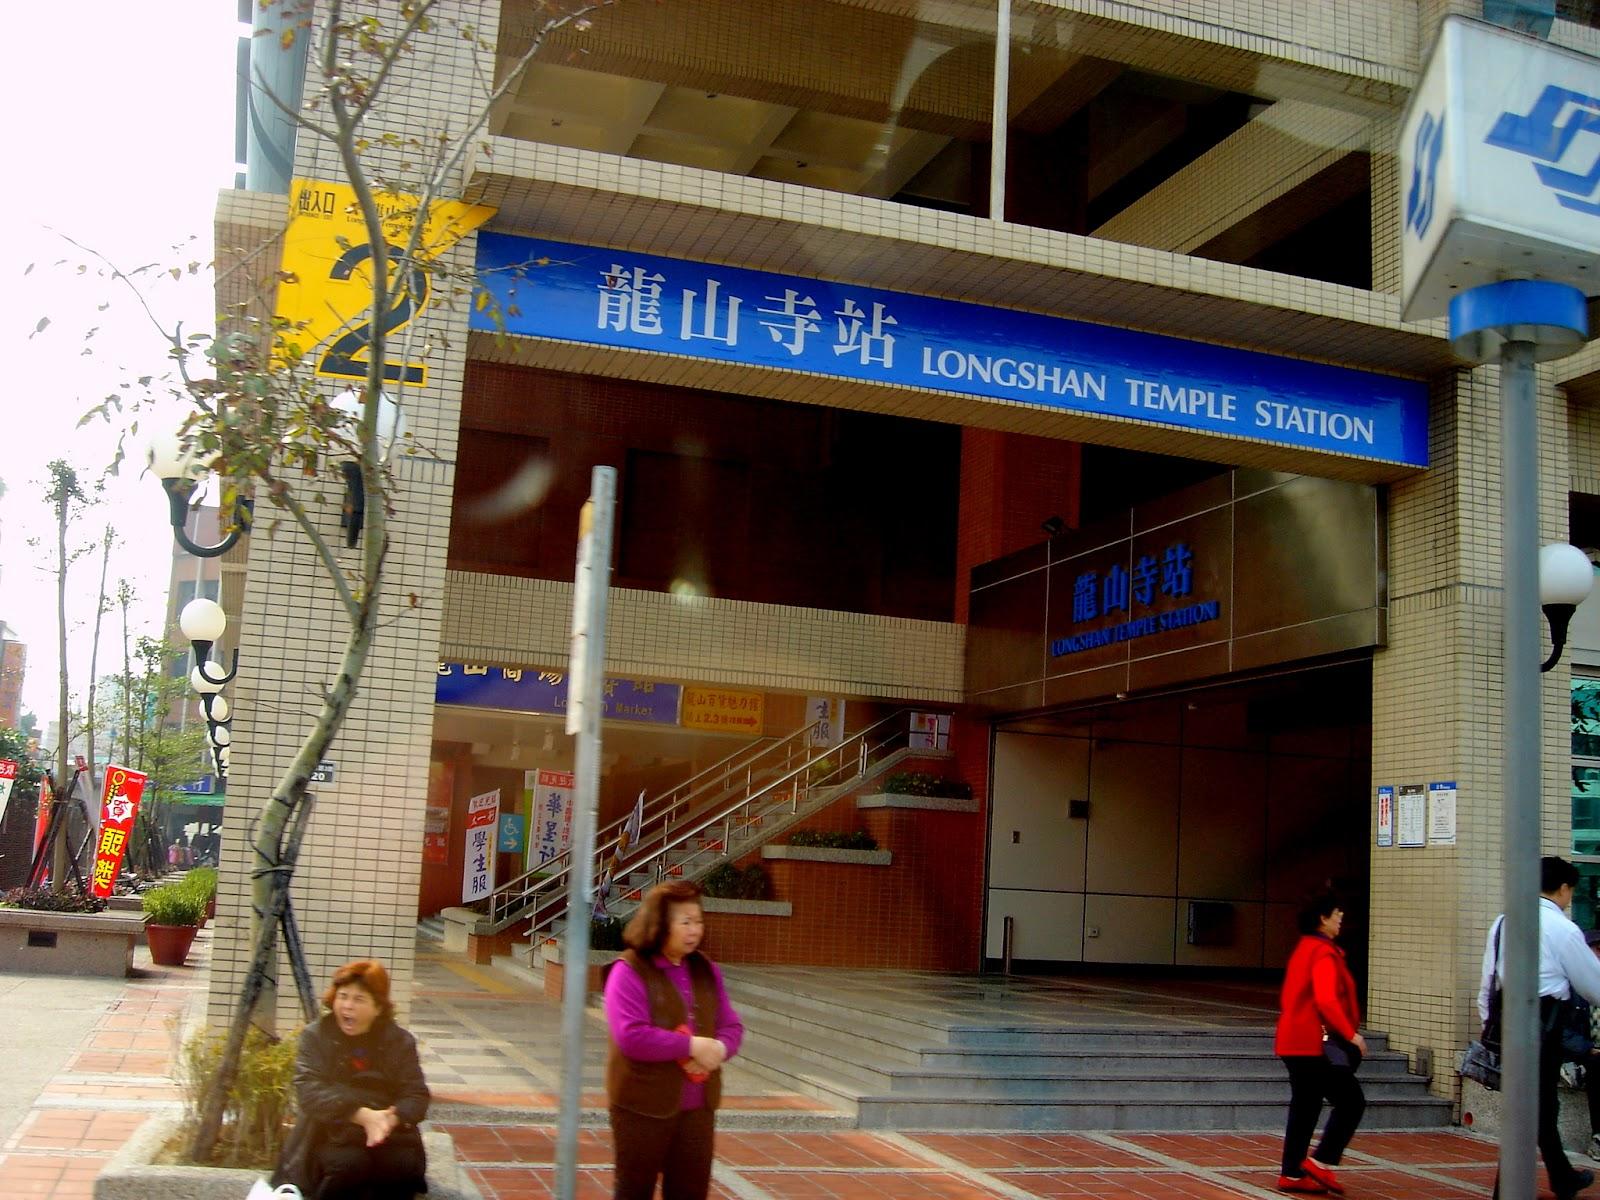 悠遊臺灣-捷運龍山寺站